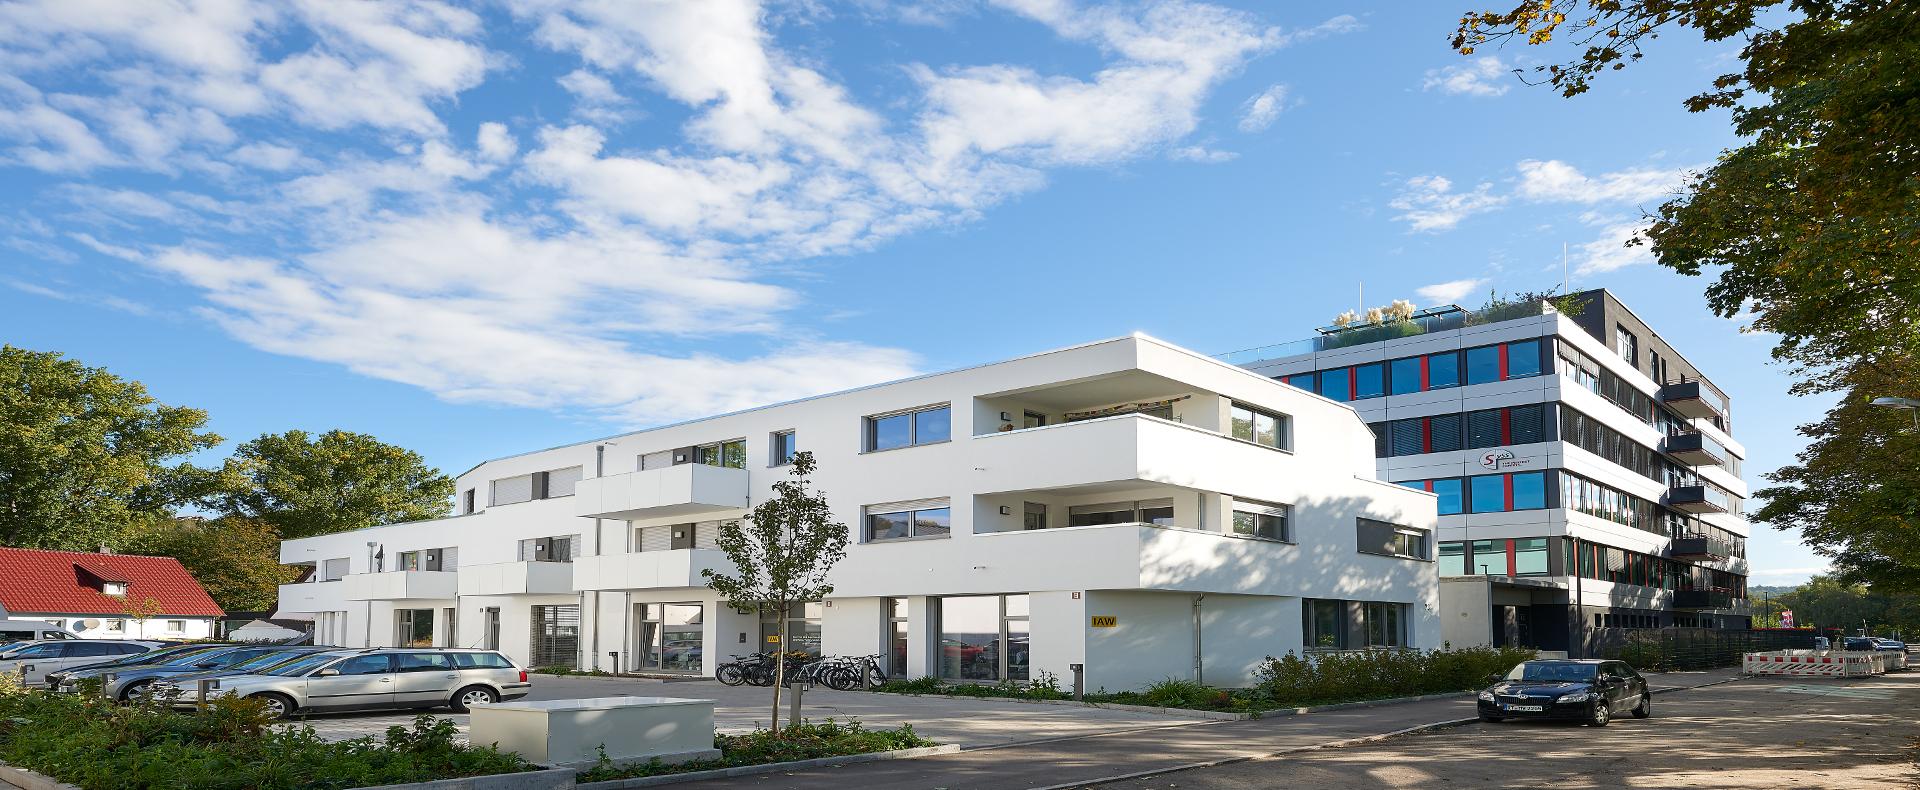 e+k architekten_ Bismarckstrasse_0007_webHead